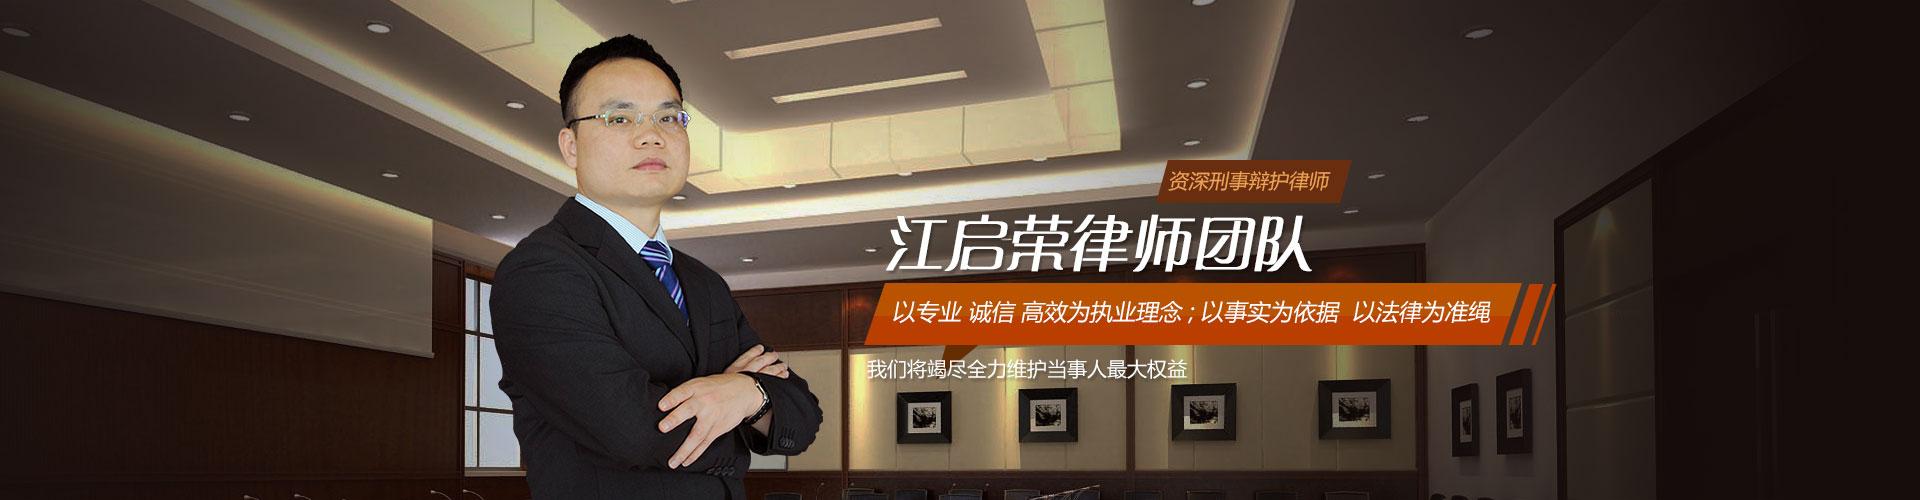 广东江启荣律师